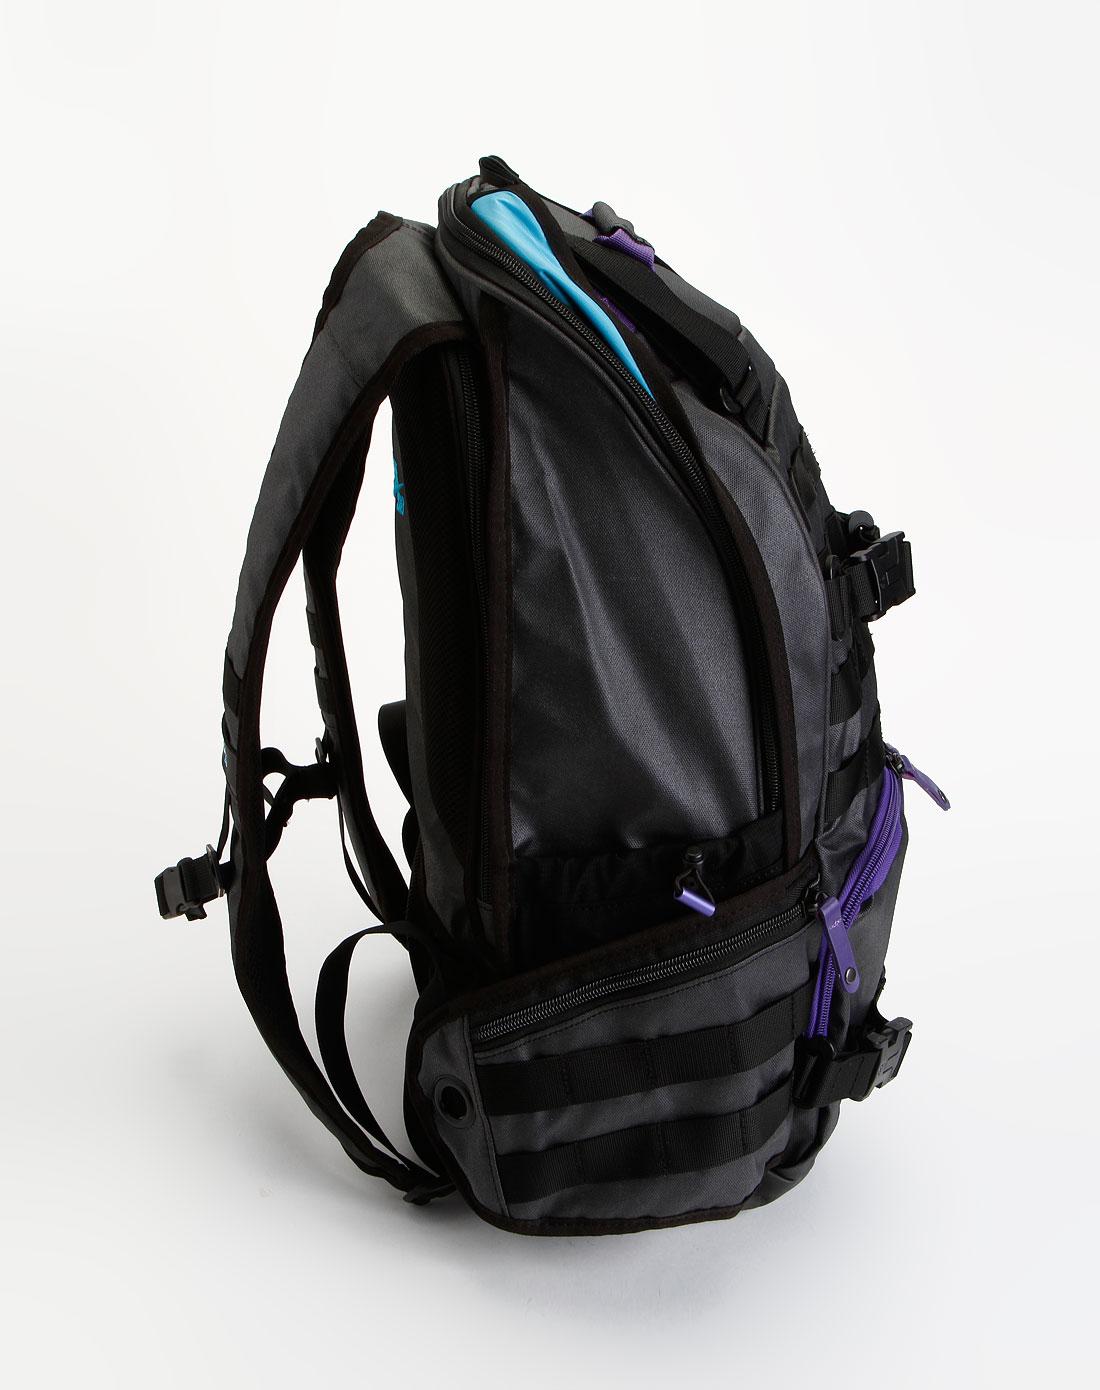 耐克nike-包包中性黑色时尚休闲背包